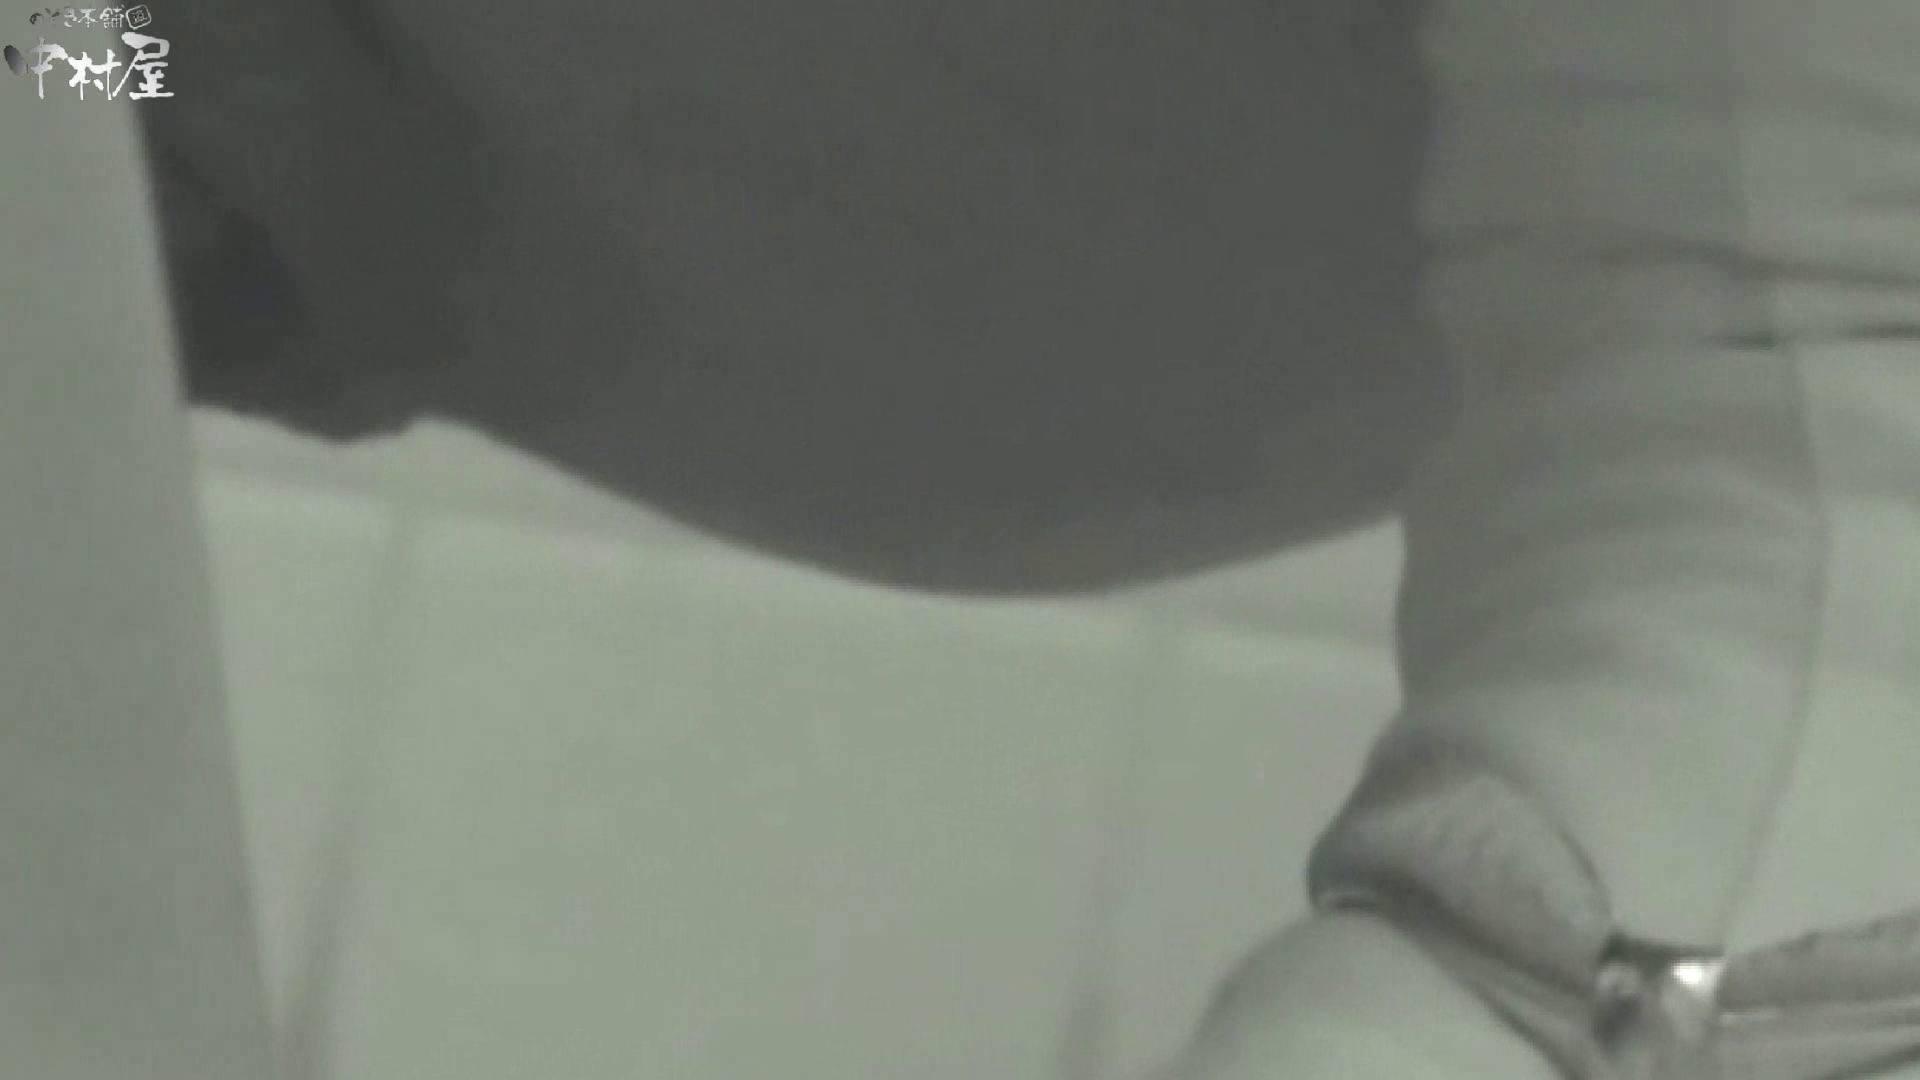 解禁!海の家4カメ洗面所vol.08 美しいOLの裸体 | 現役ギャル  107pic 57